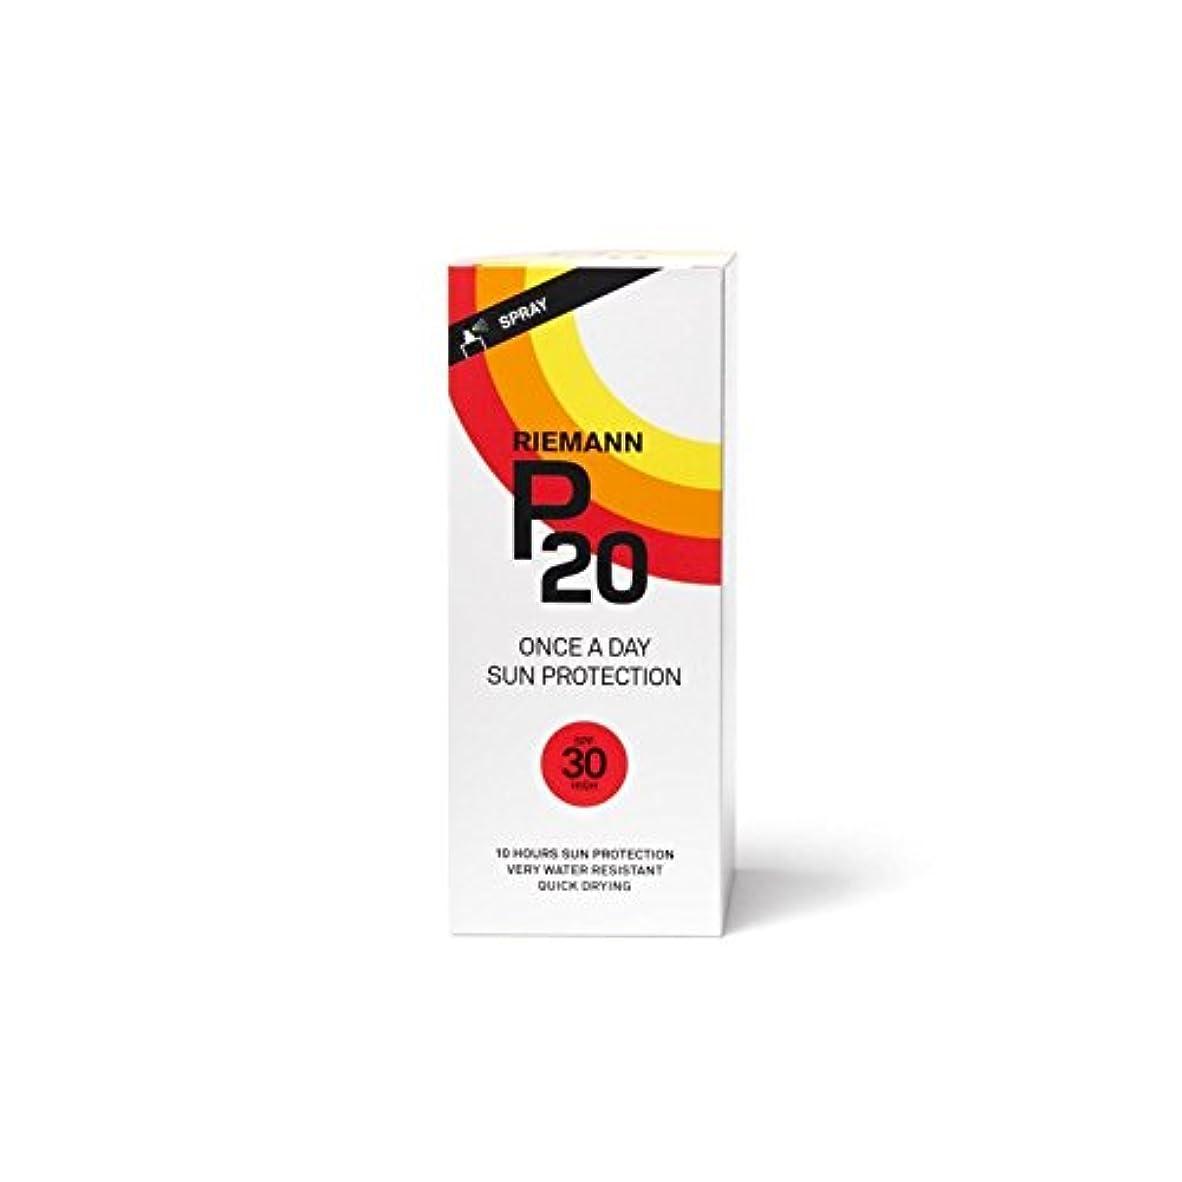 家庭負荷テレビを見るRiemann P20 Sun Filter 200ml SPF30 - リーマン20のサンフィルター200ミリリットル30 [並行輸入品]